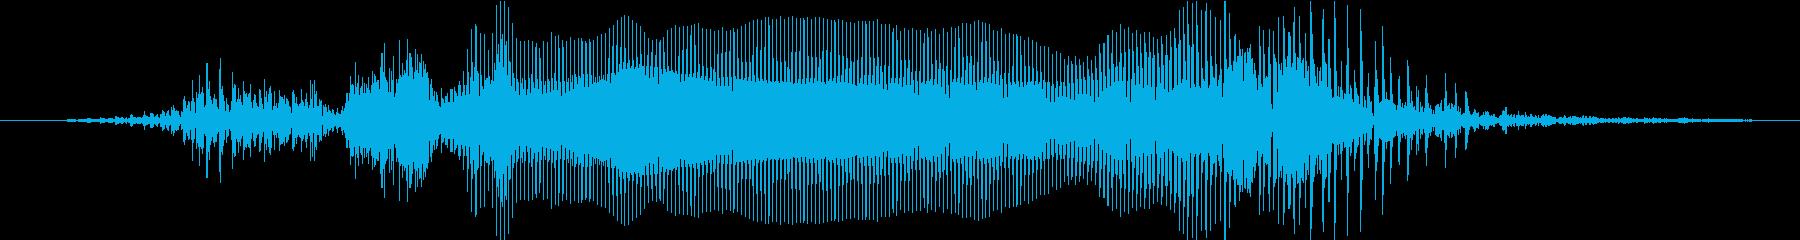 よっしゃーの再生済みの波形